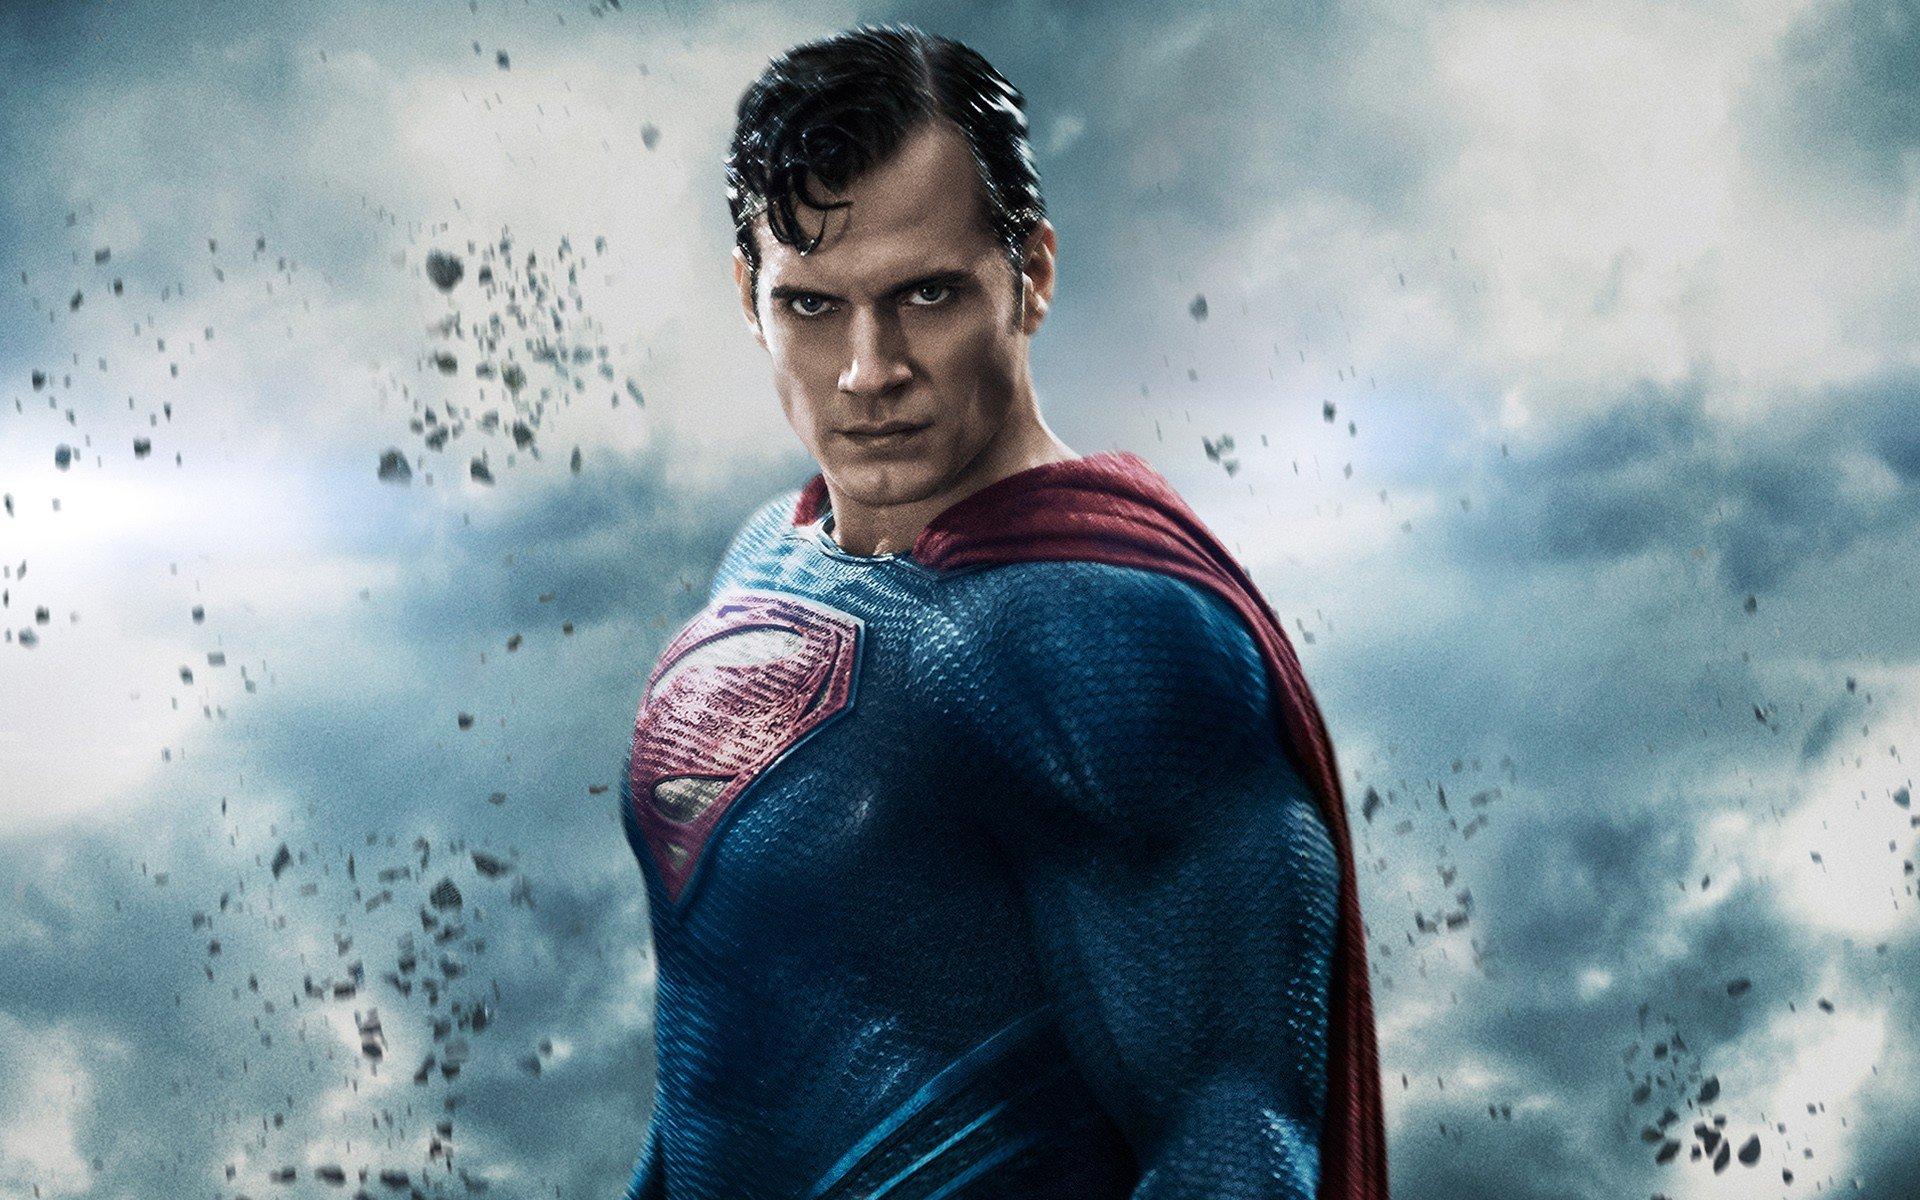 http://hdqwalls.com/wallpapers/henry-cavill-in-batman-vs-superman-movie.jpg